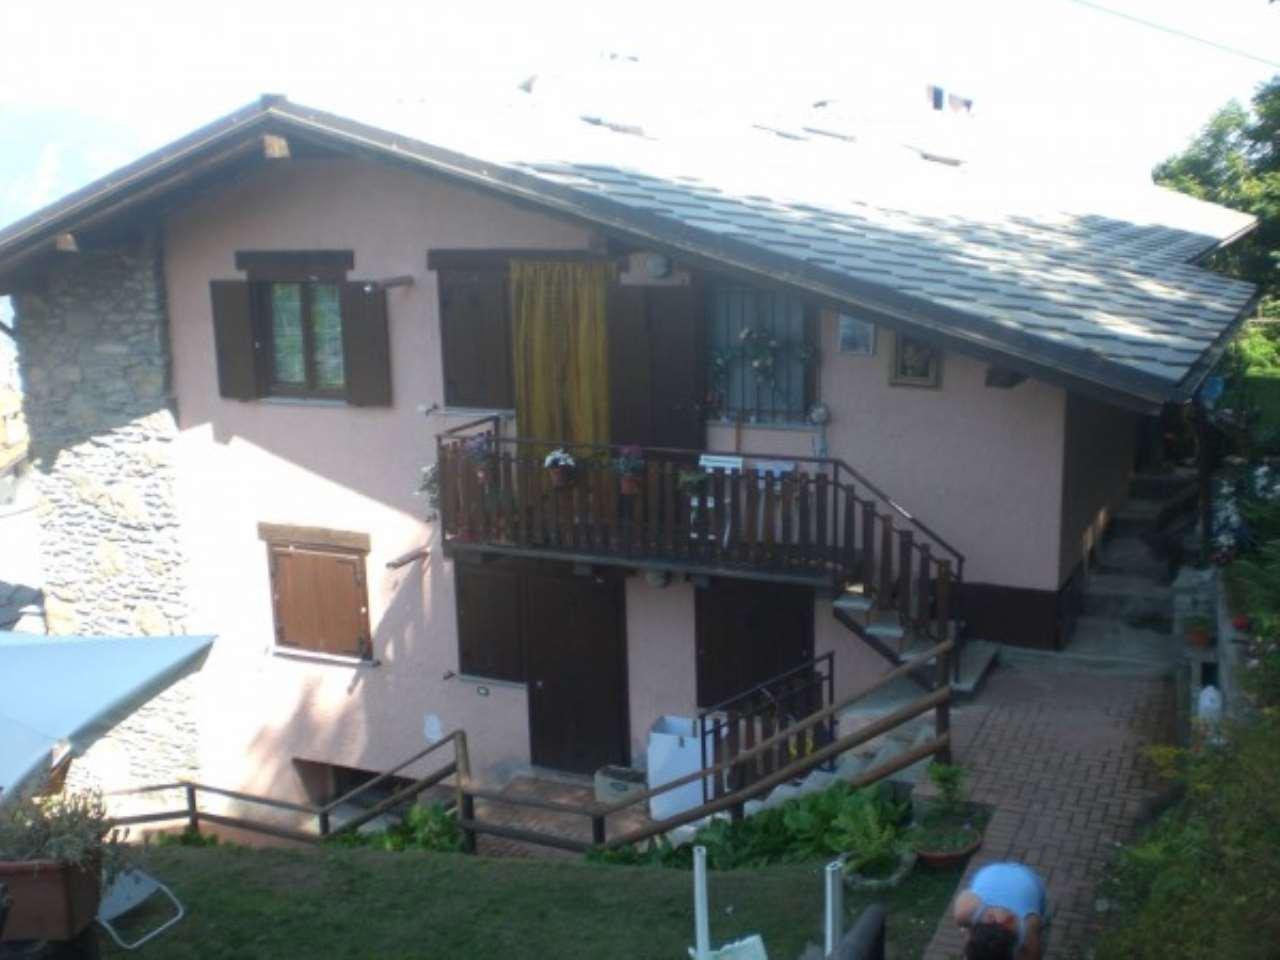 Attico / Mansarda in vendita a Gravere, 2 locali, prezzo € 40.000 | Cambio Casa.it